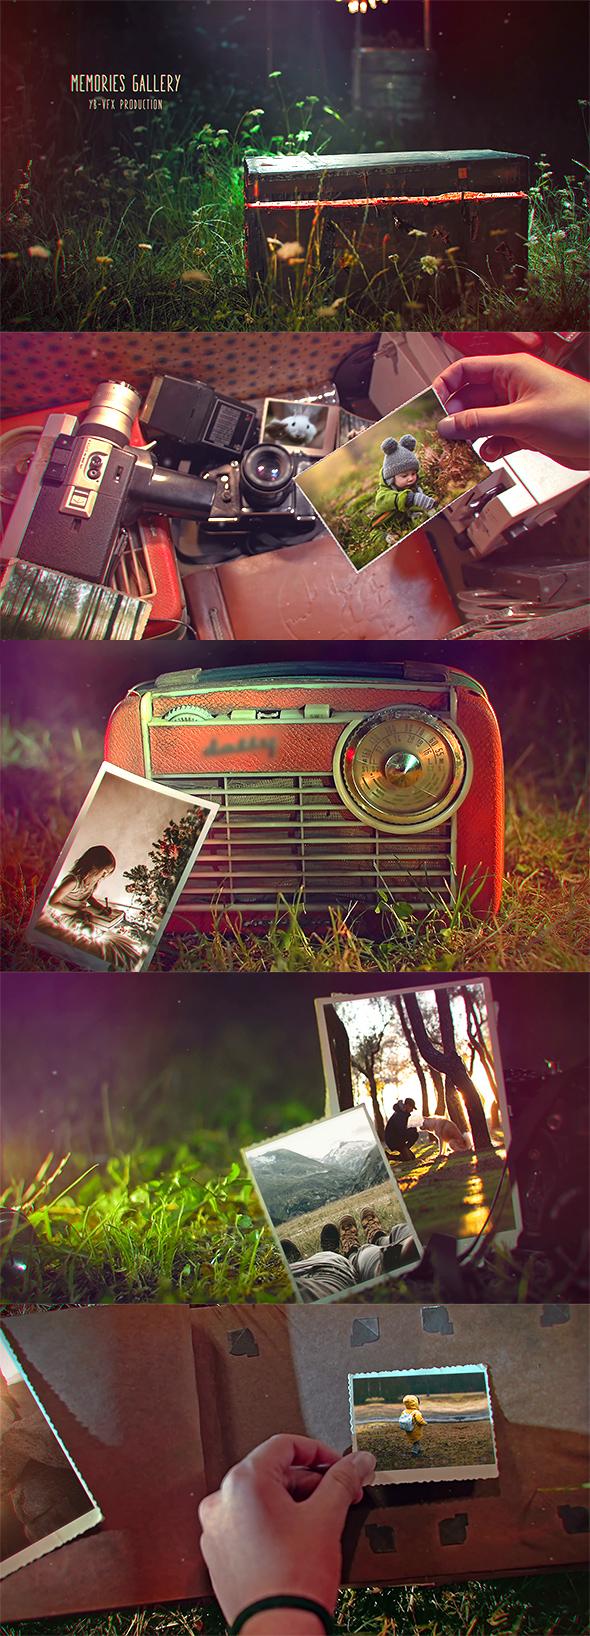 Memories - 10